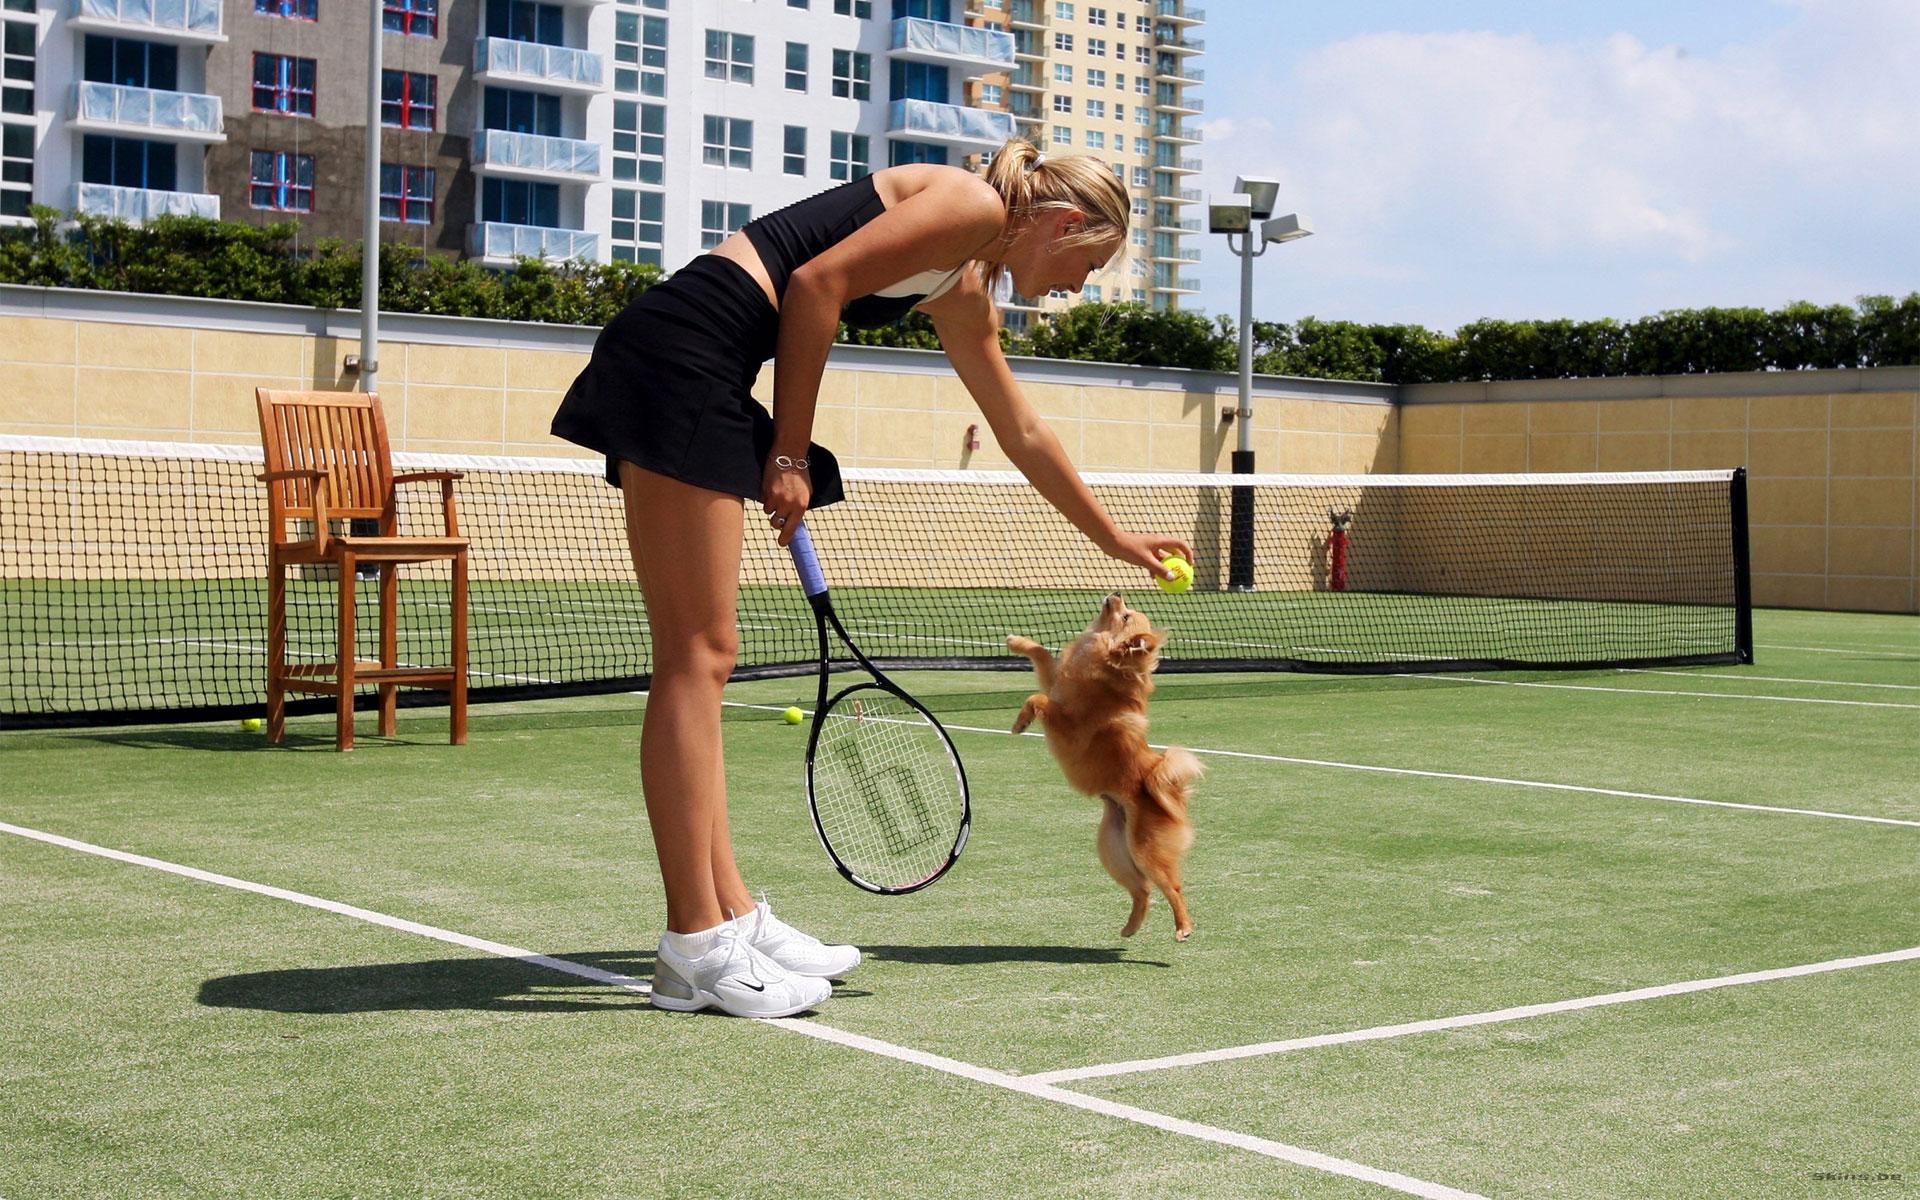 Шарапова теннисистка голая 11 фотография